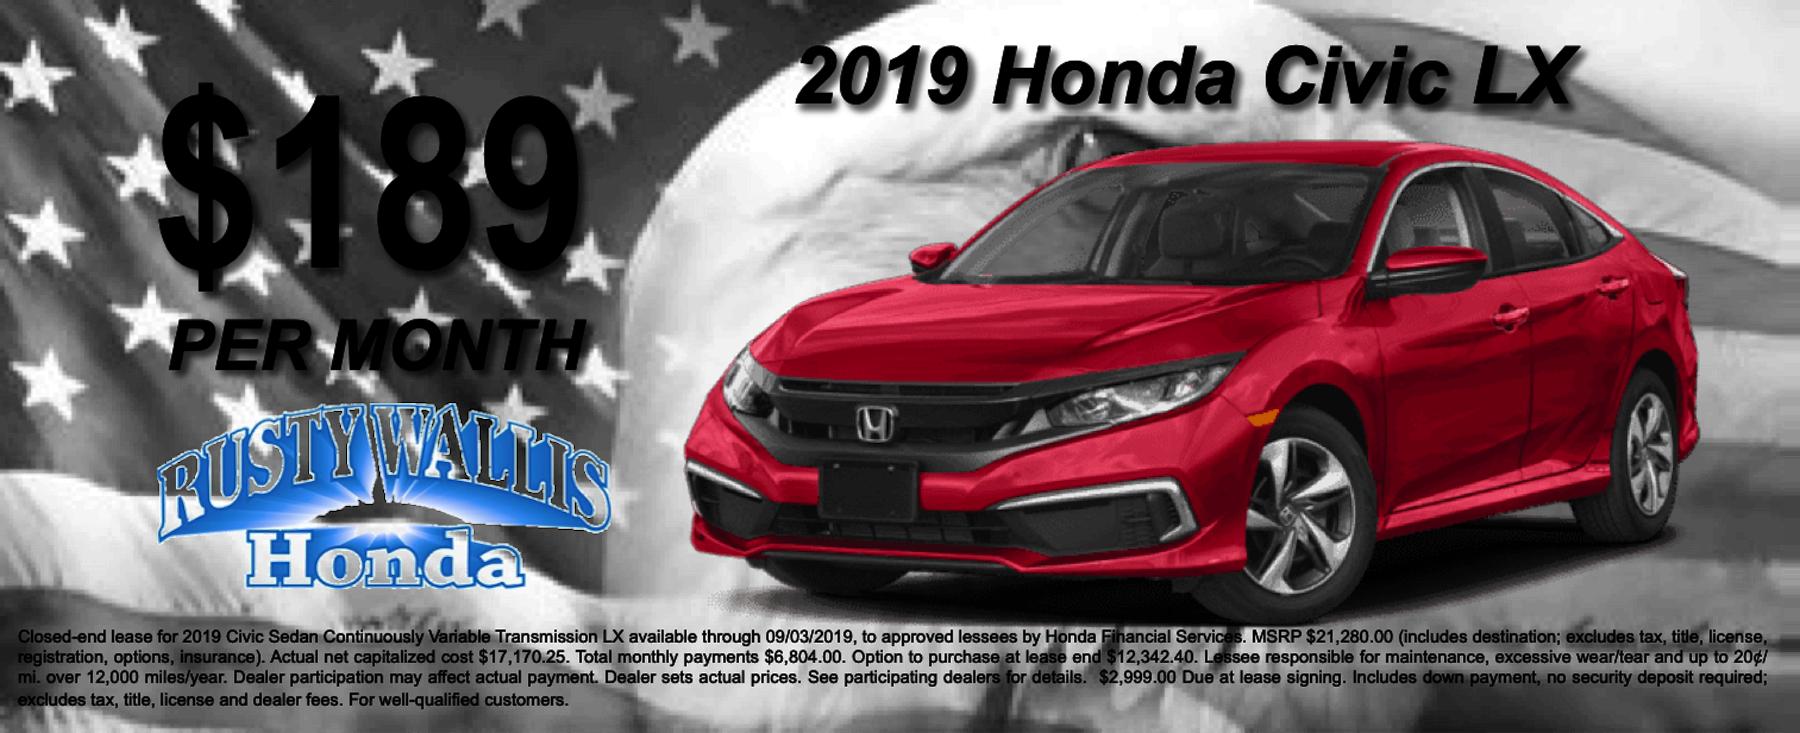 Honda Dealership Dallas Tx >> Rusty Wallis Honda Honda Dealer In Dallas Tx